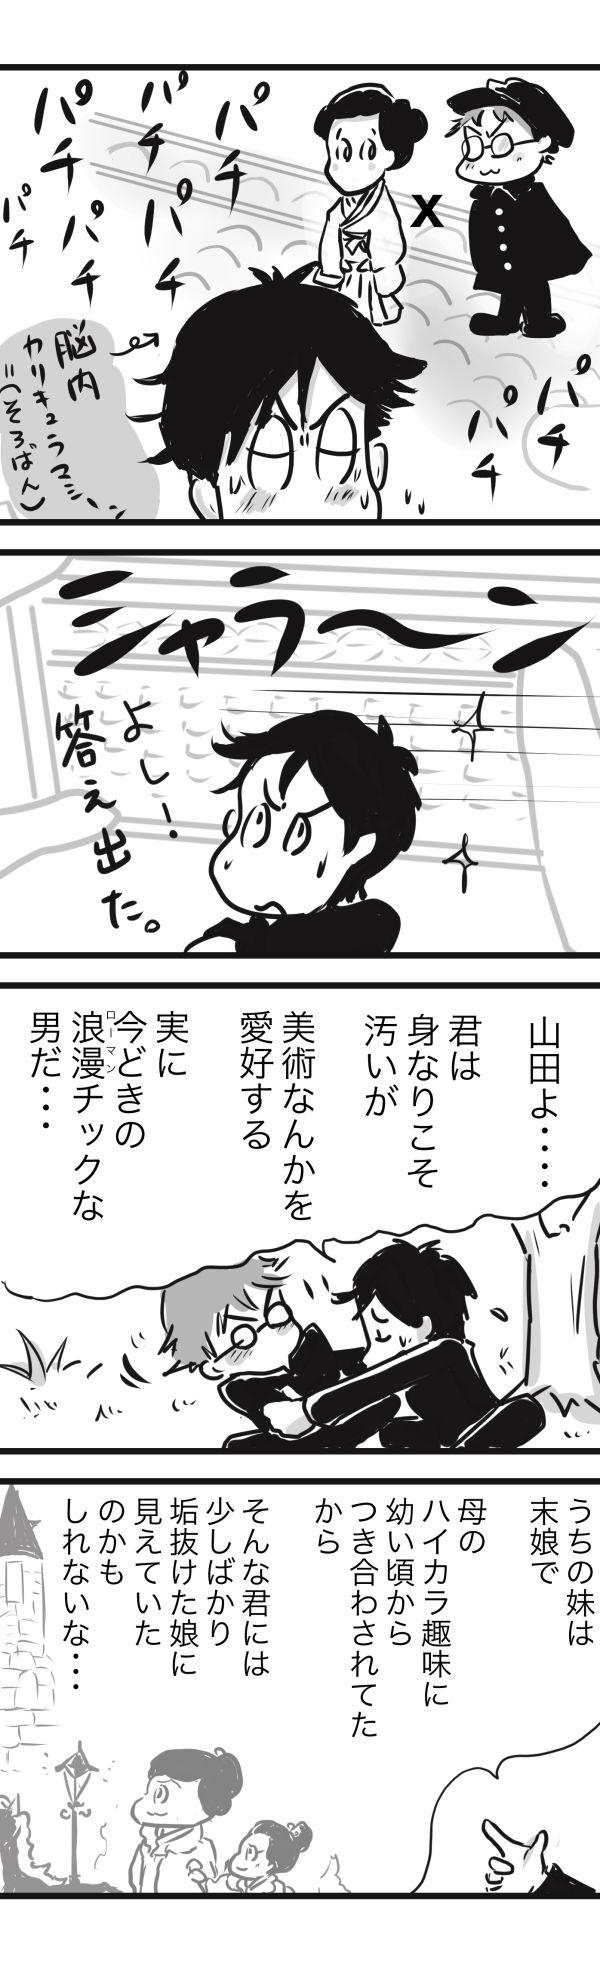 金沢9初恋−4−1